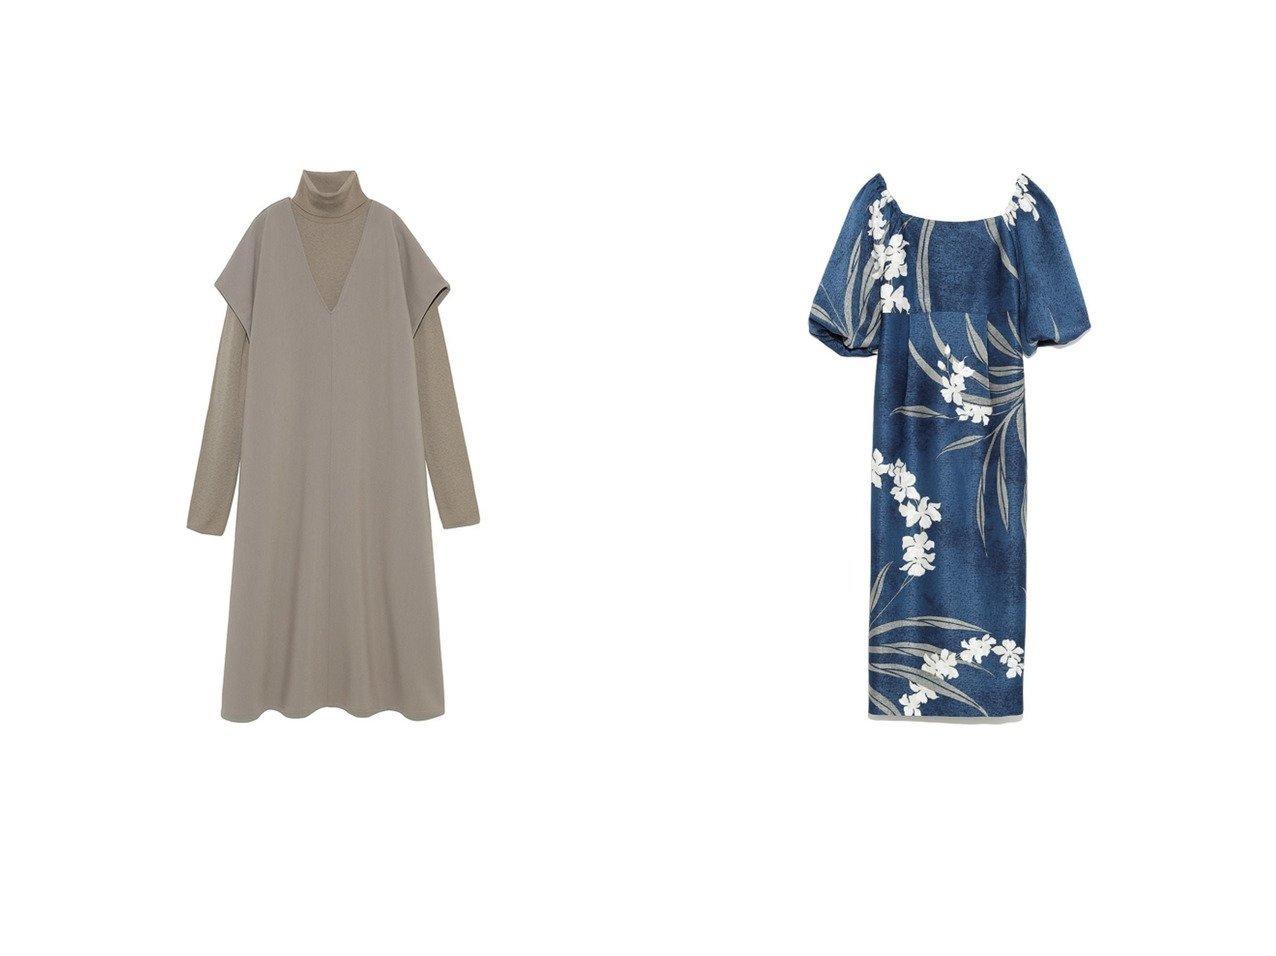 【Mila Owen/ミラオーウェン】のタートルNTレイヤード深VネックOP&【Lily Brown/リリーブラウン】の大花柄ボリューム袖ワンピース ワンピース・ドレスのおすすめ!人気、レディースファッションの通販 おすすめで人気のファッション通販商品 インテリア・家具・キッズファッション・メンズファッション・レディースファッション・服の通販 founy(ファニー) https://founy.com/ ファッション Fashion レディース WOMEN ワンピース Dress アクリル インナー シンプル スマート タートル タートルネック ドッキング ベーシック リラックス ロング ヴィンテージ スクエア ストレート スリット スリーブ パープル フィット プリント リボン 冬 Winter |ID:crp329100000002940